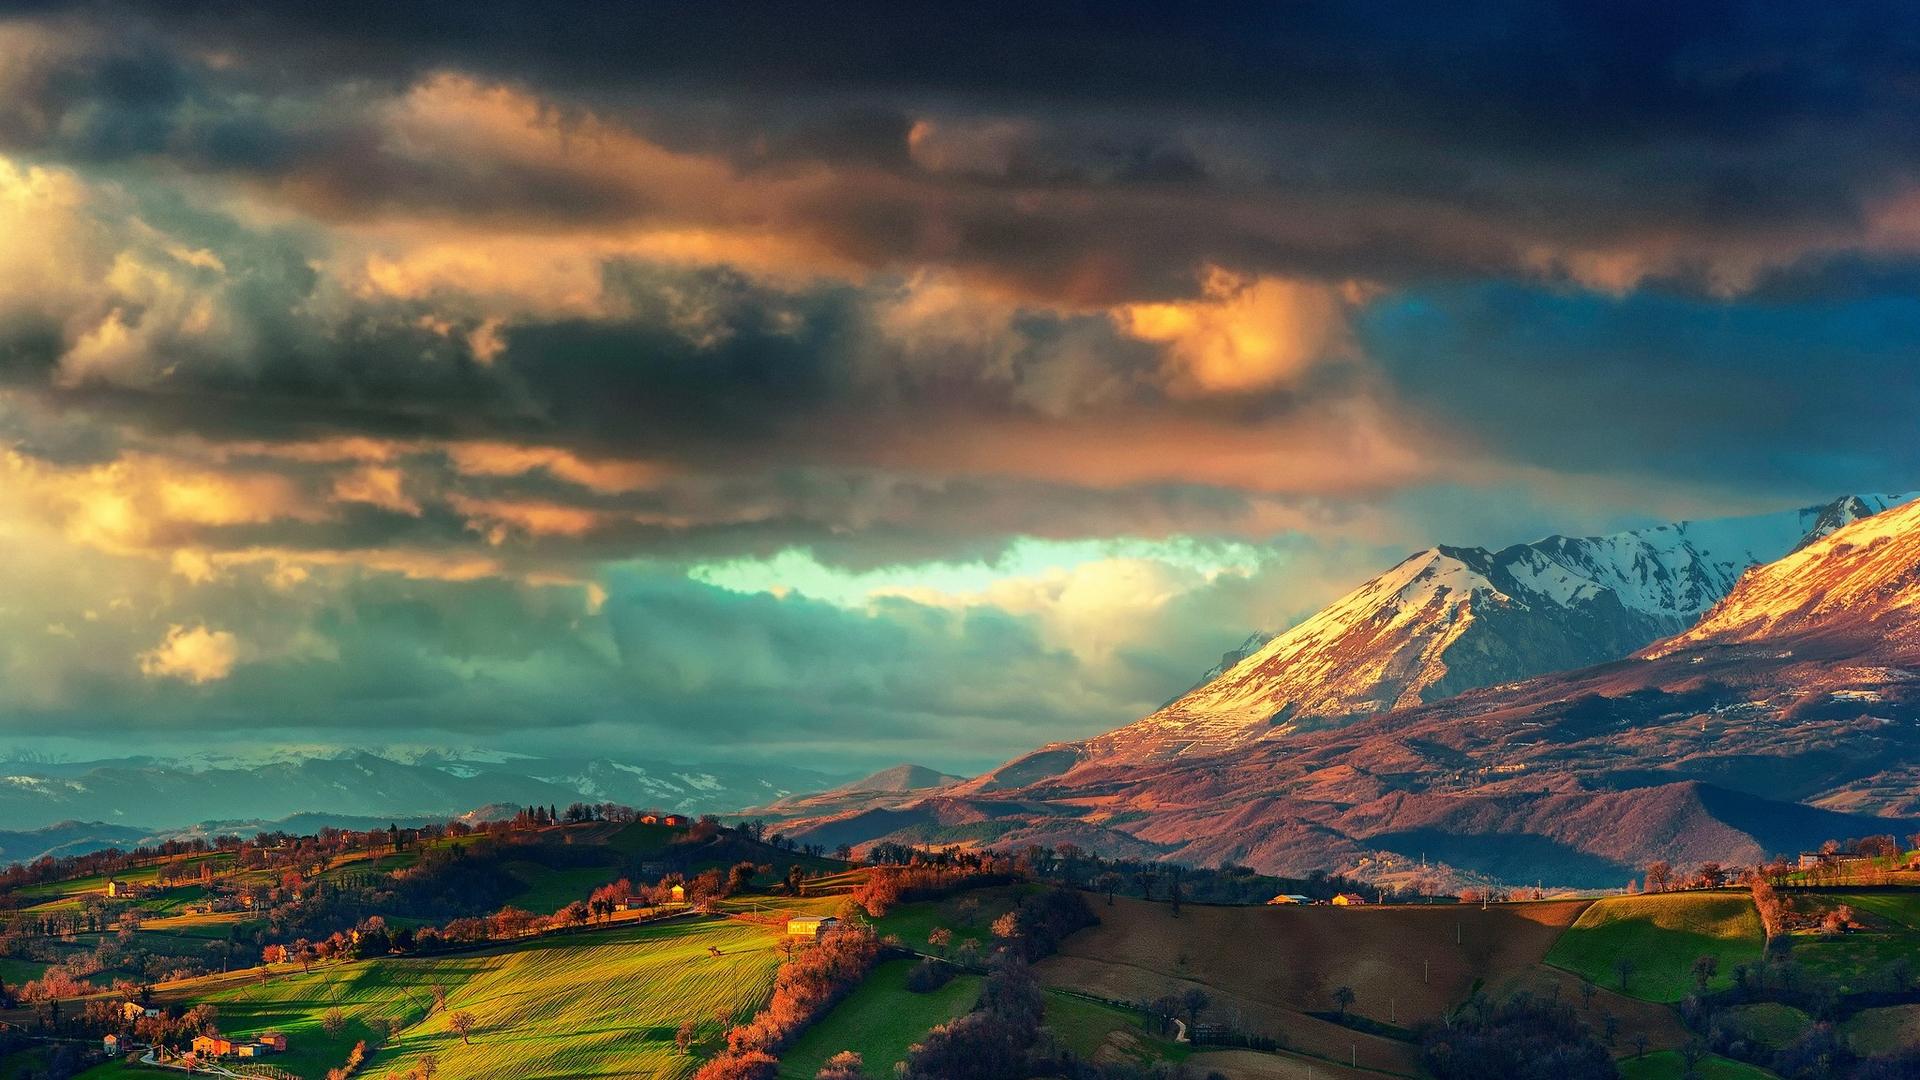 Vivid landscapes Wallpaper HD Wallpapers 1920x1080